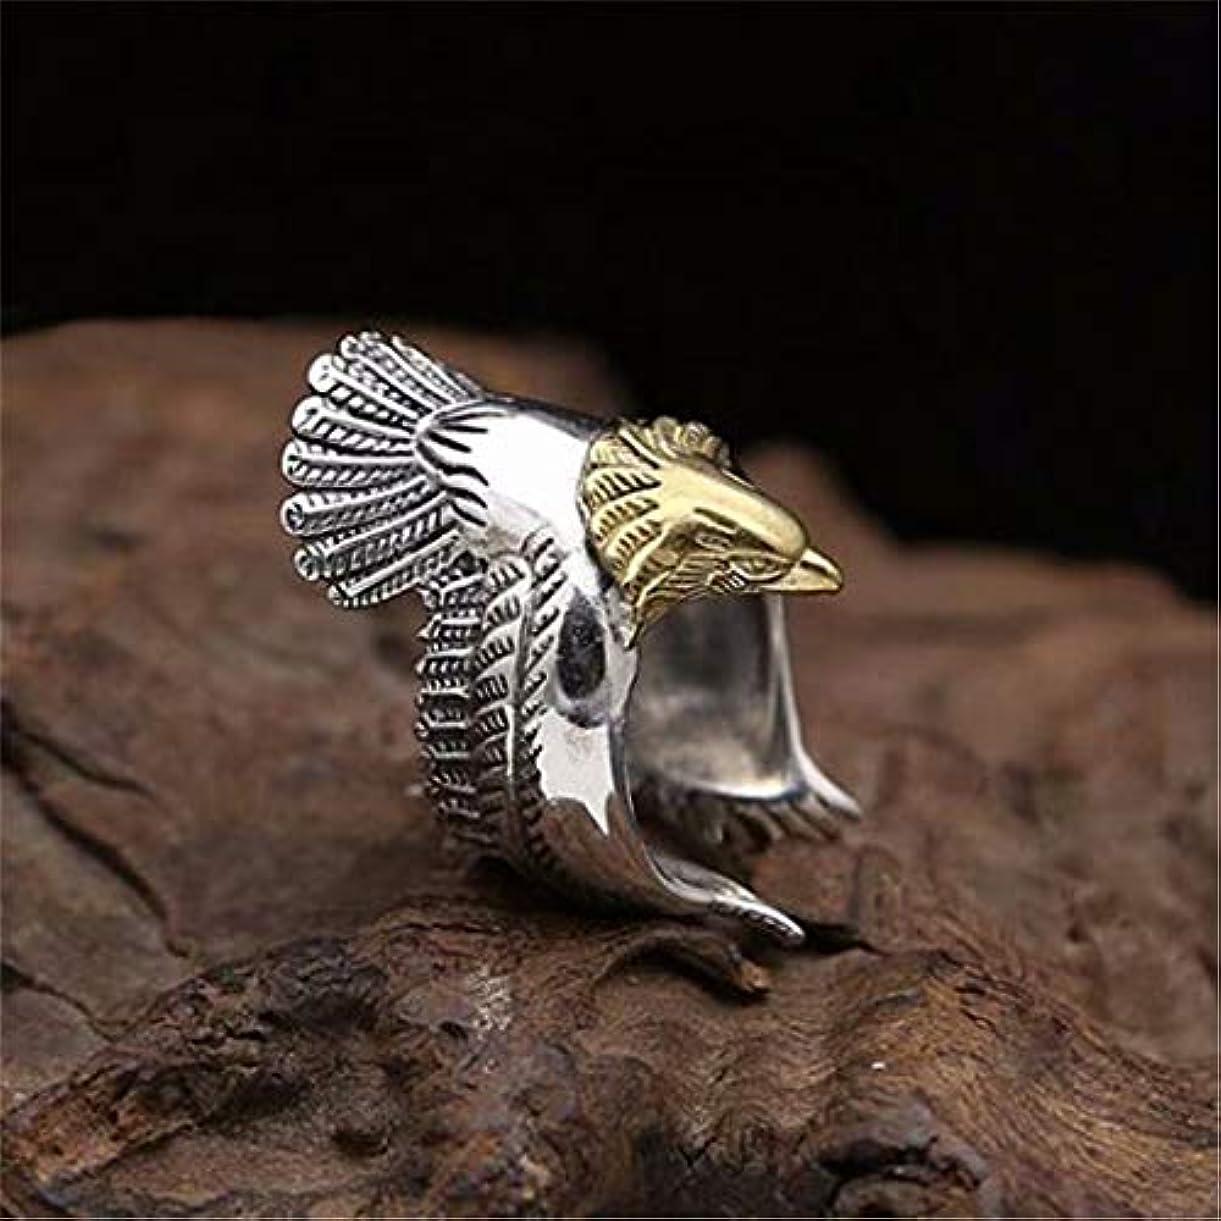 船員思い出す性的七里の香 メンズ レディース 男女 兼用 人気 鷲 羽根 フリー サイズ 指輪 1個